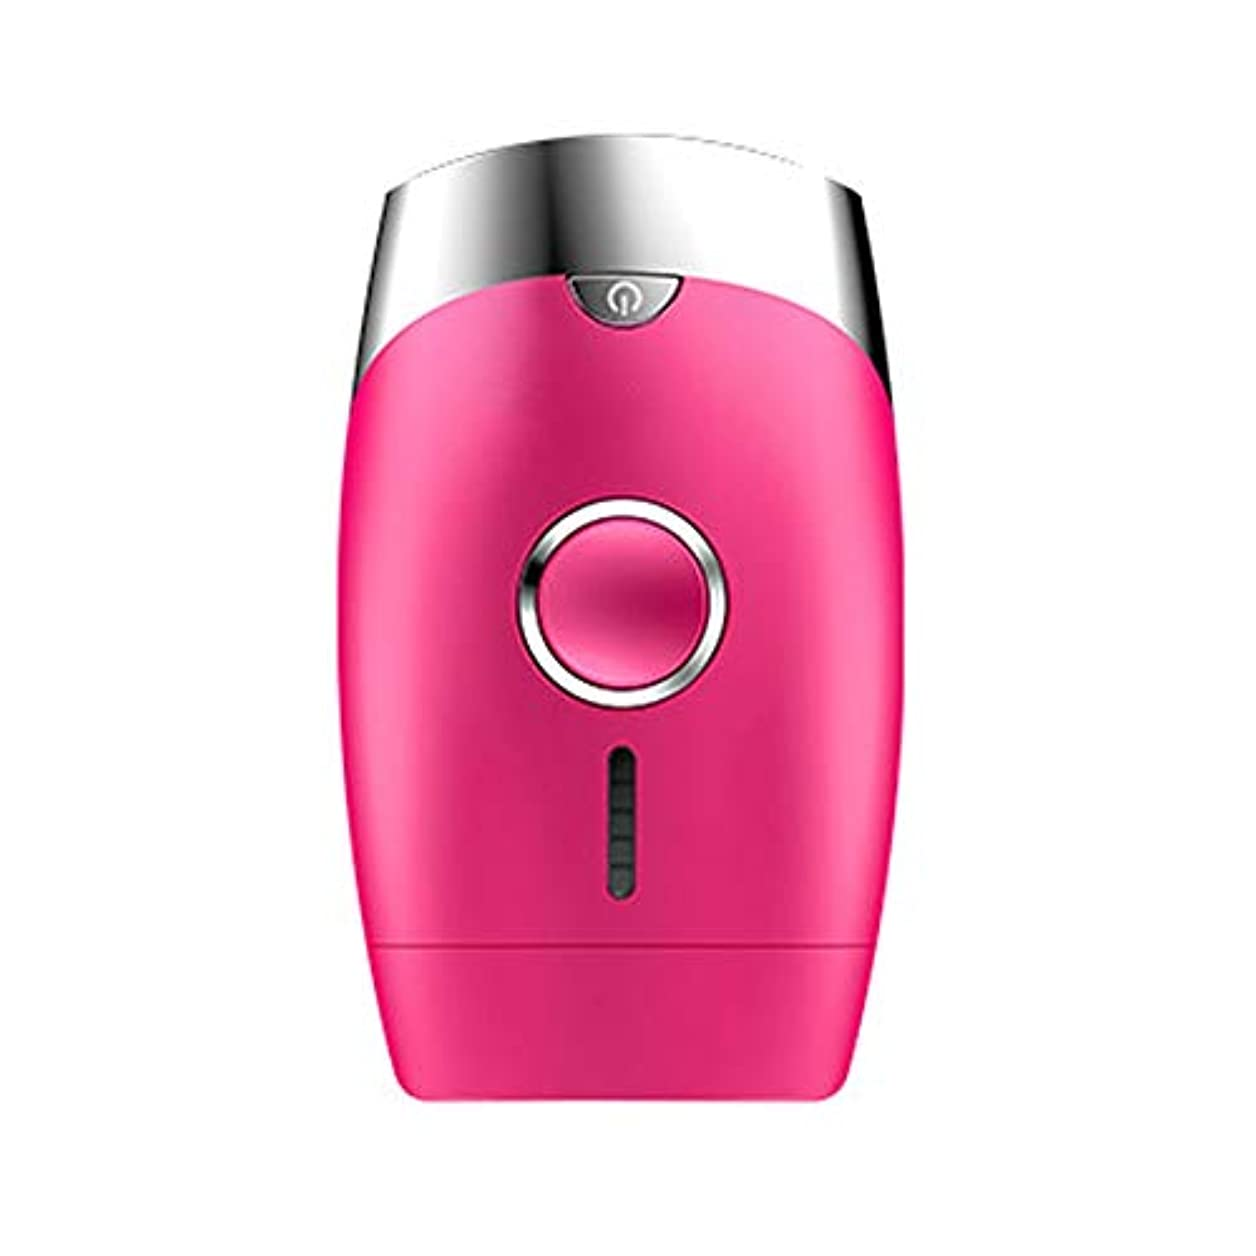 安全でないとても多くの再生ダパイ ピンク、5スピード調整、インテリジェント家庭用痛みのない凝固点ヘアリムーバー、シングルフラッシュ/連続フラッシュ、サイズ13.9 X 8.3 X 4.8 Cm U546 (Color : Pink)